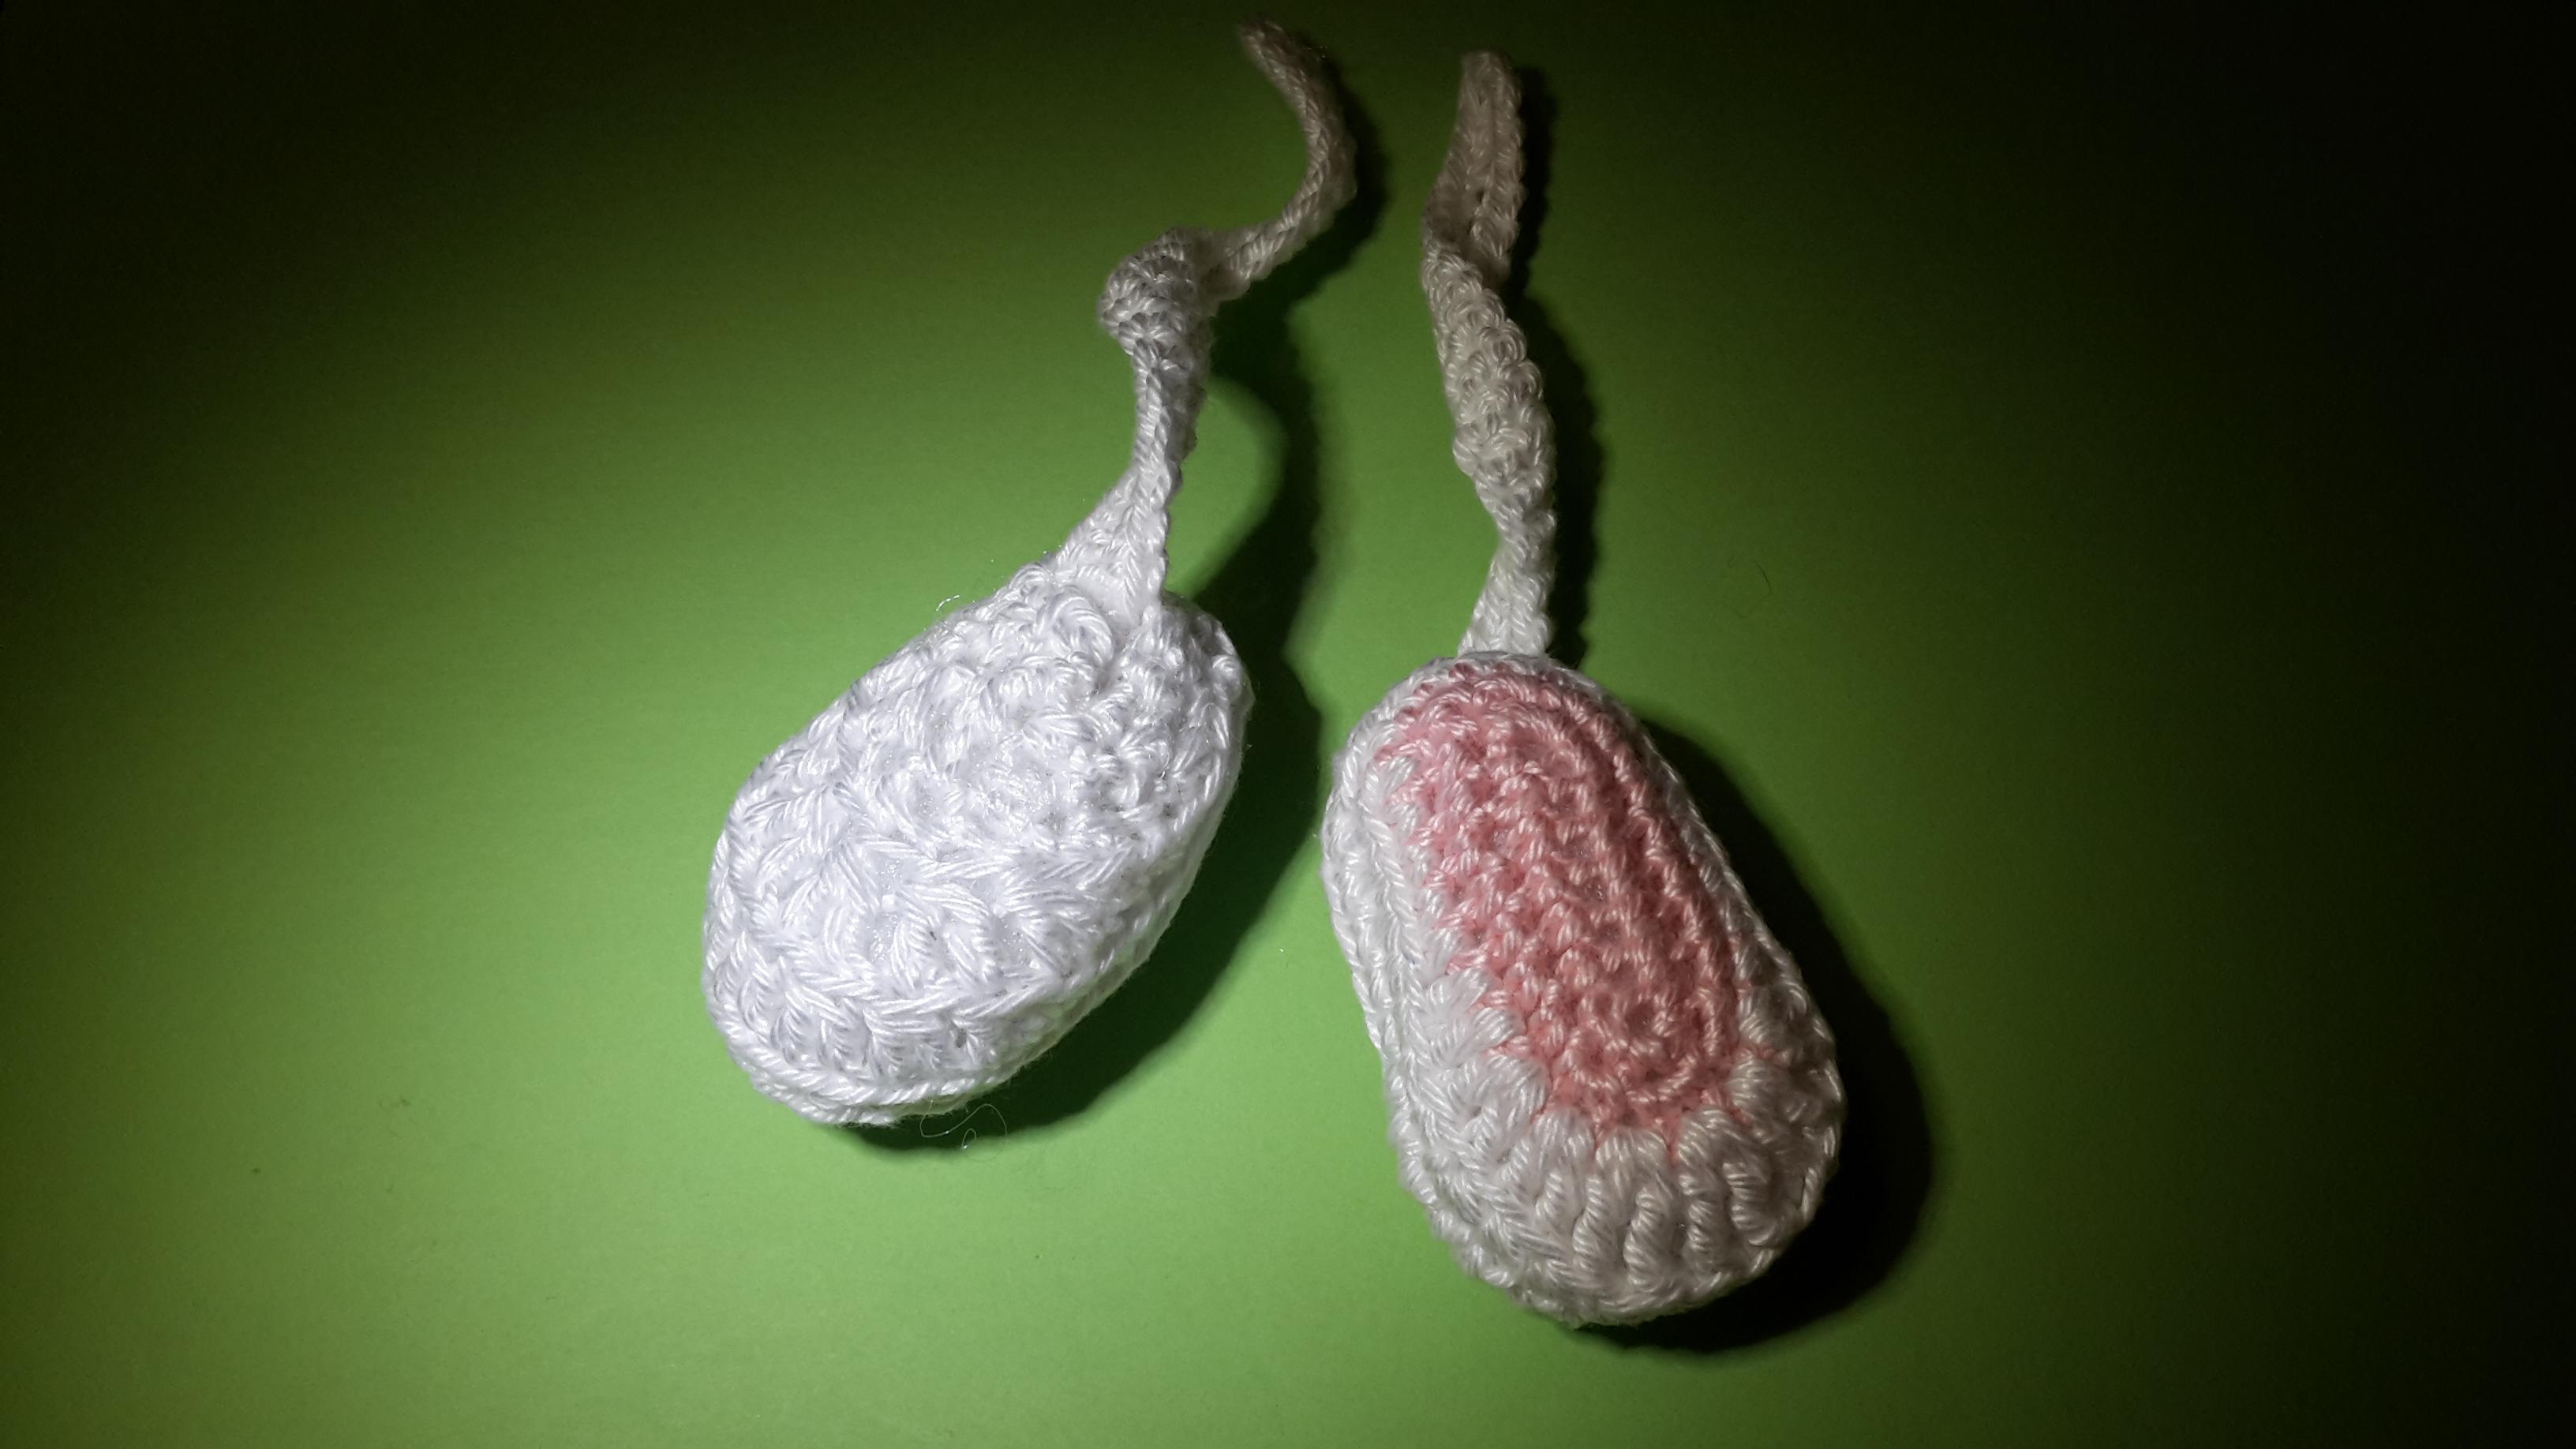 Horgolt Amigurumi Nyuszi : Horgolt húsvéti nyuszilány kreatív hobby alkotóműhely